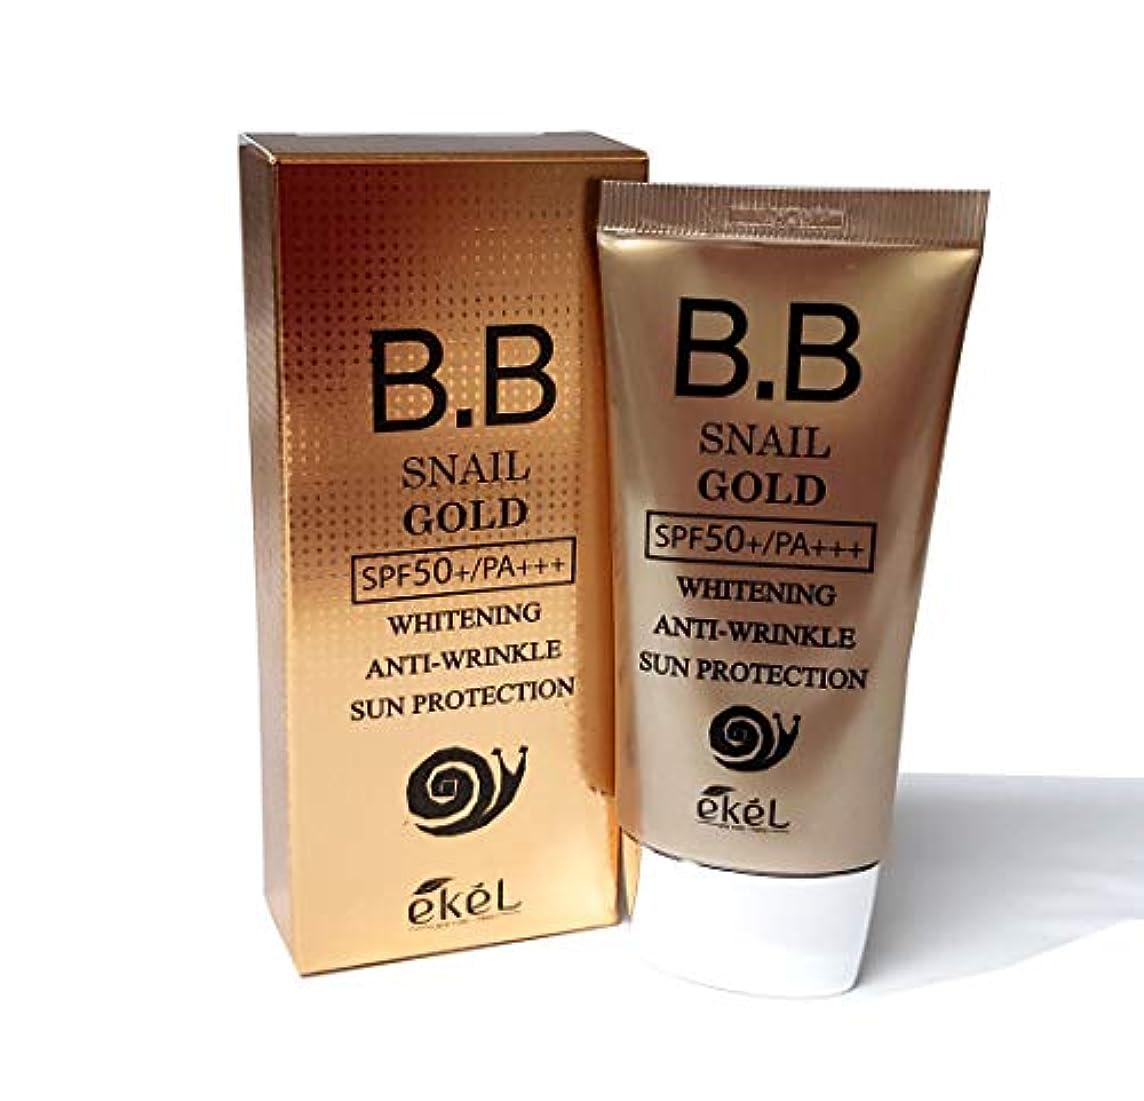 楕円形特権的迫害[Ekel] カタツムリゴールドBB 50ml SPF50 + PA +++ / Snail Gold BB 50ml SPF50+PA+++ /ホワイトニング、UVカット/Whitening,UV protection...